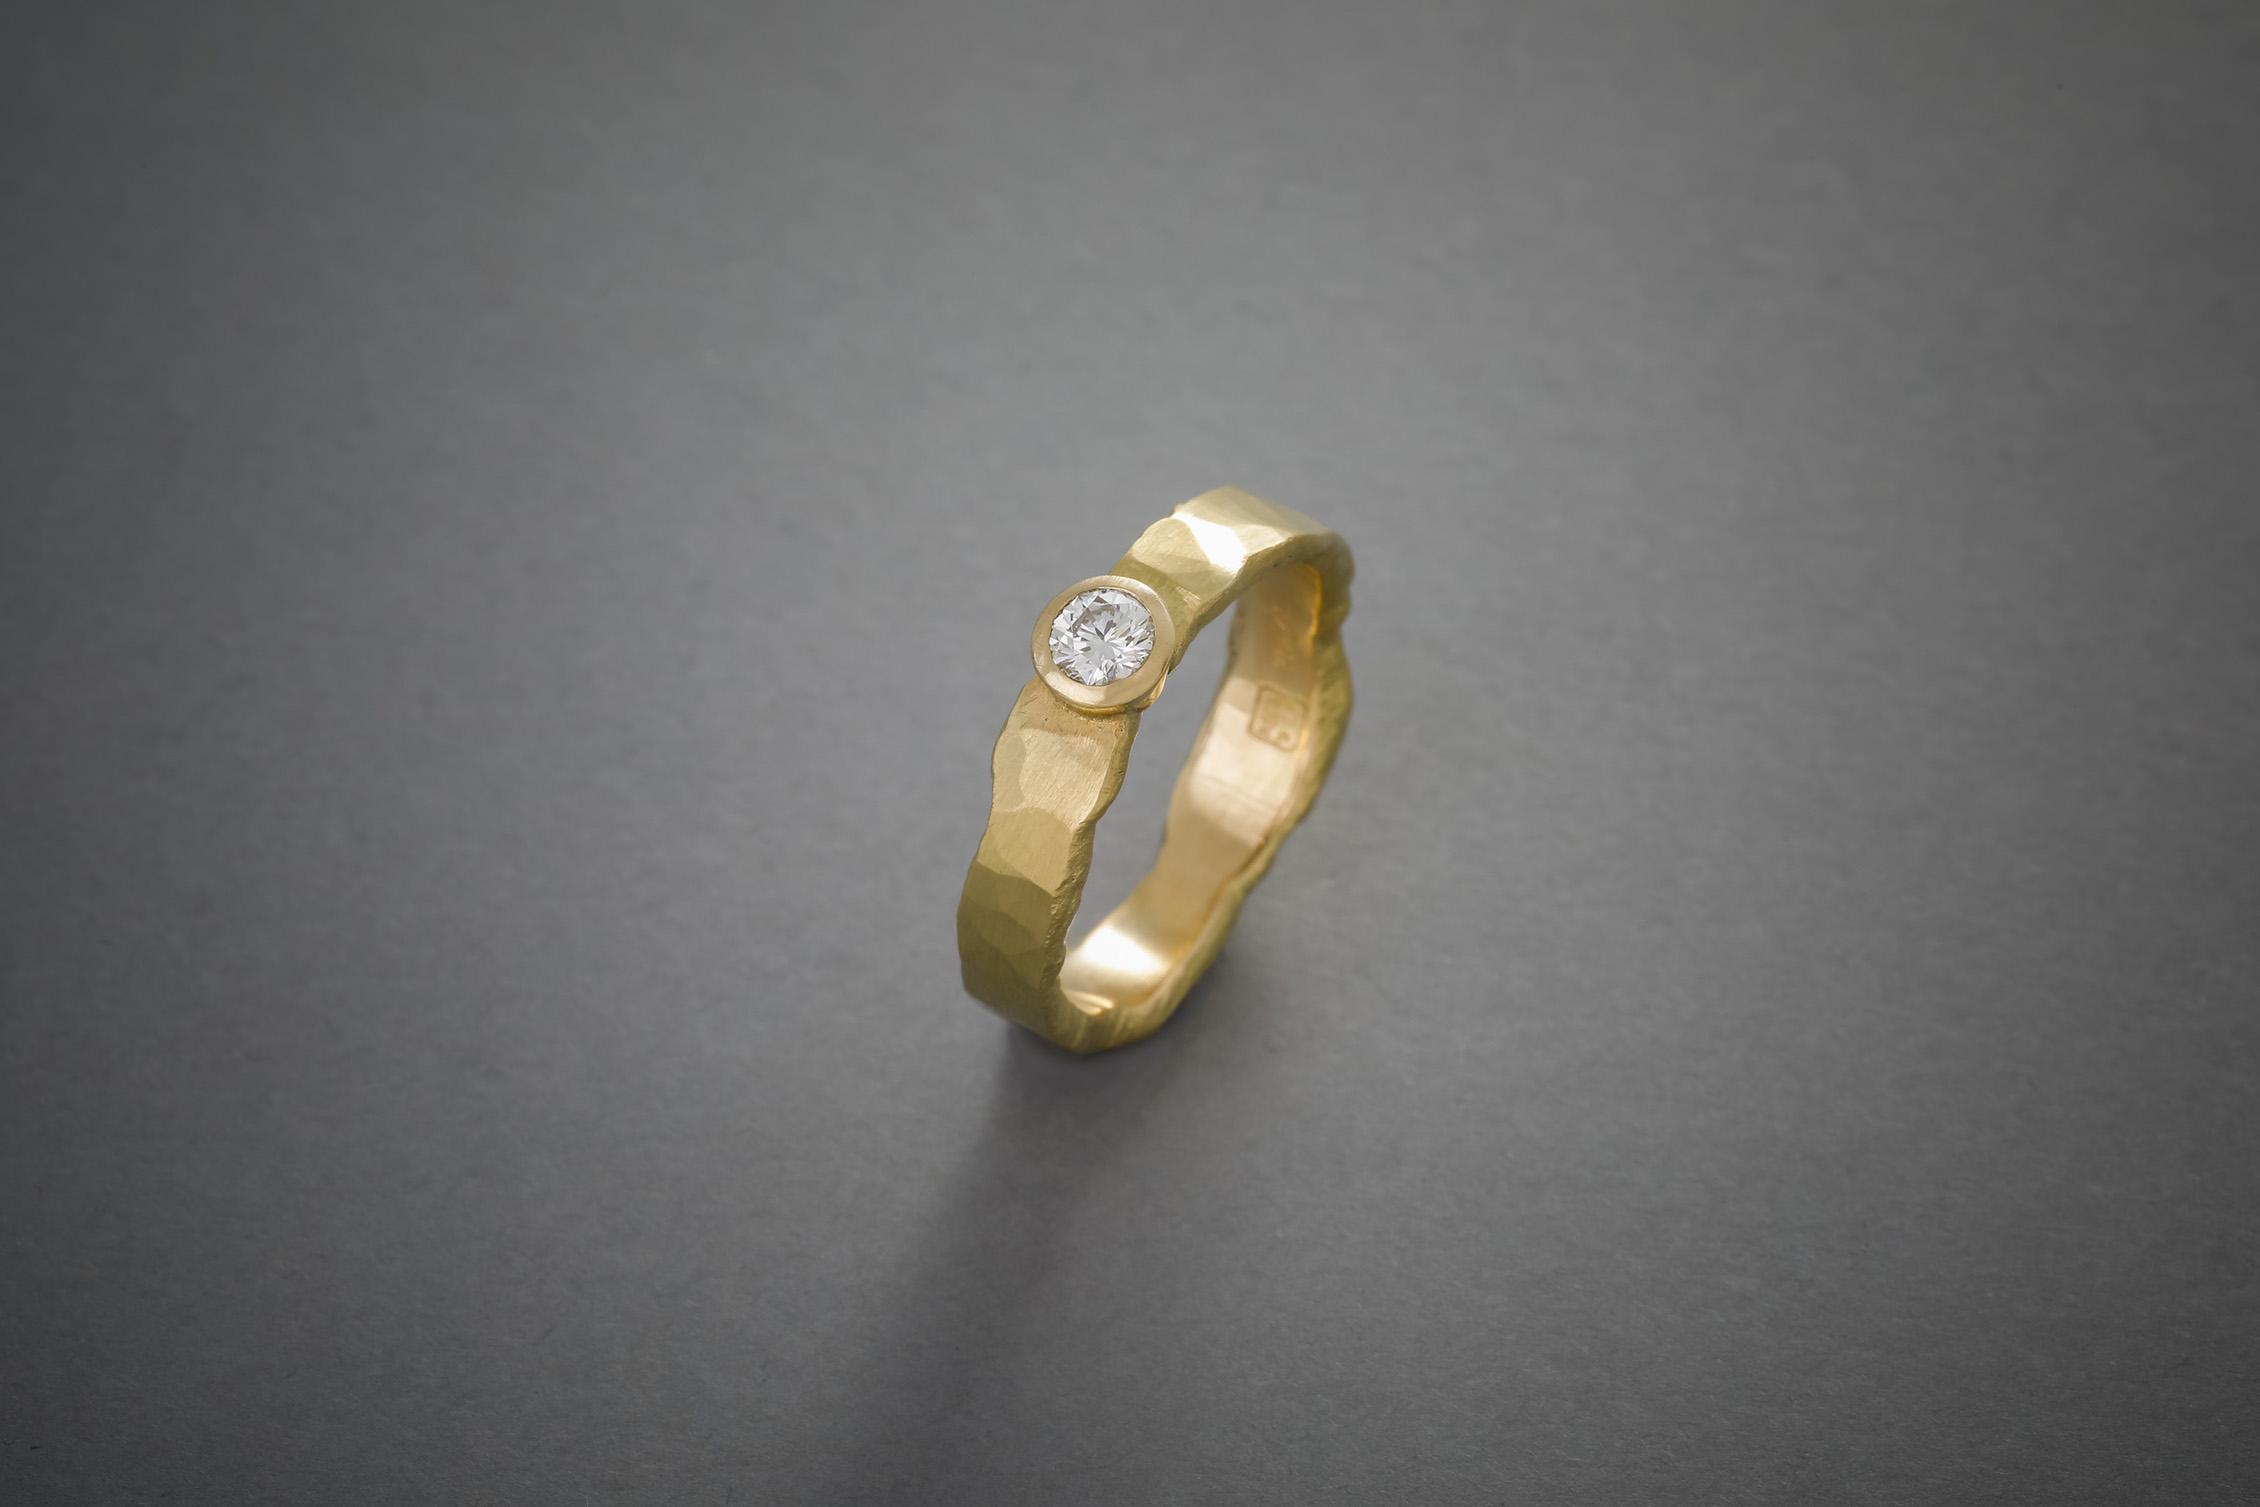 045 18kt Goldring, Brillant, Preis auf Anfrage